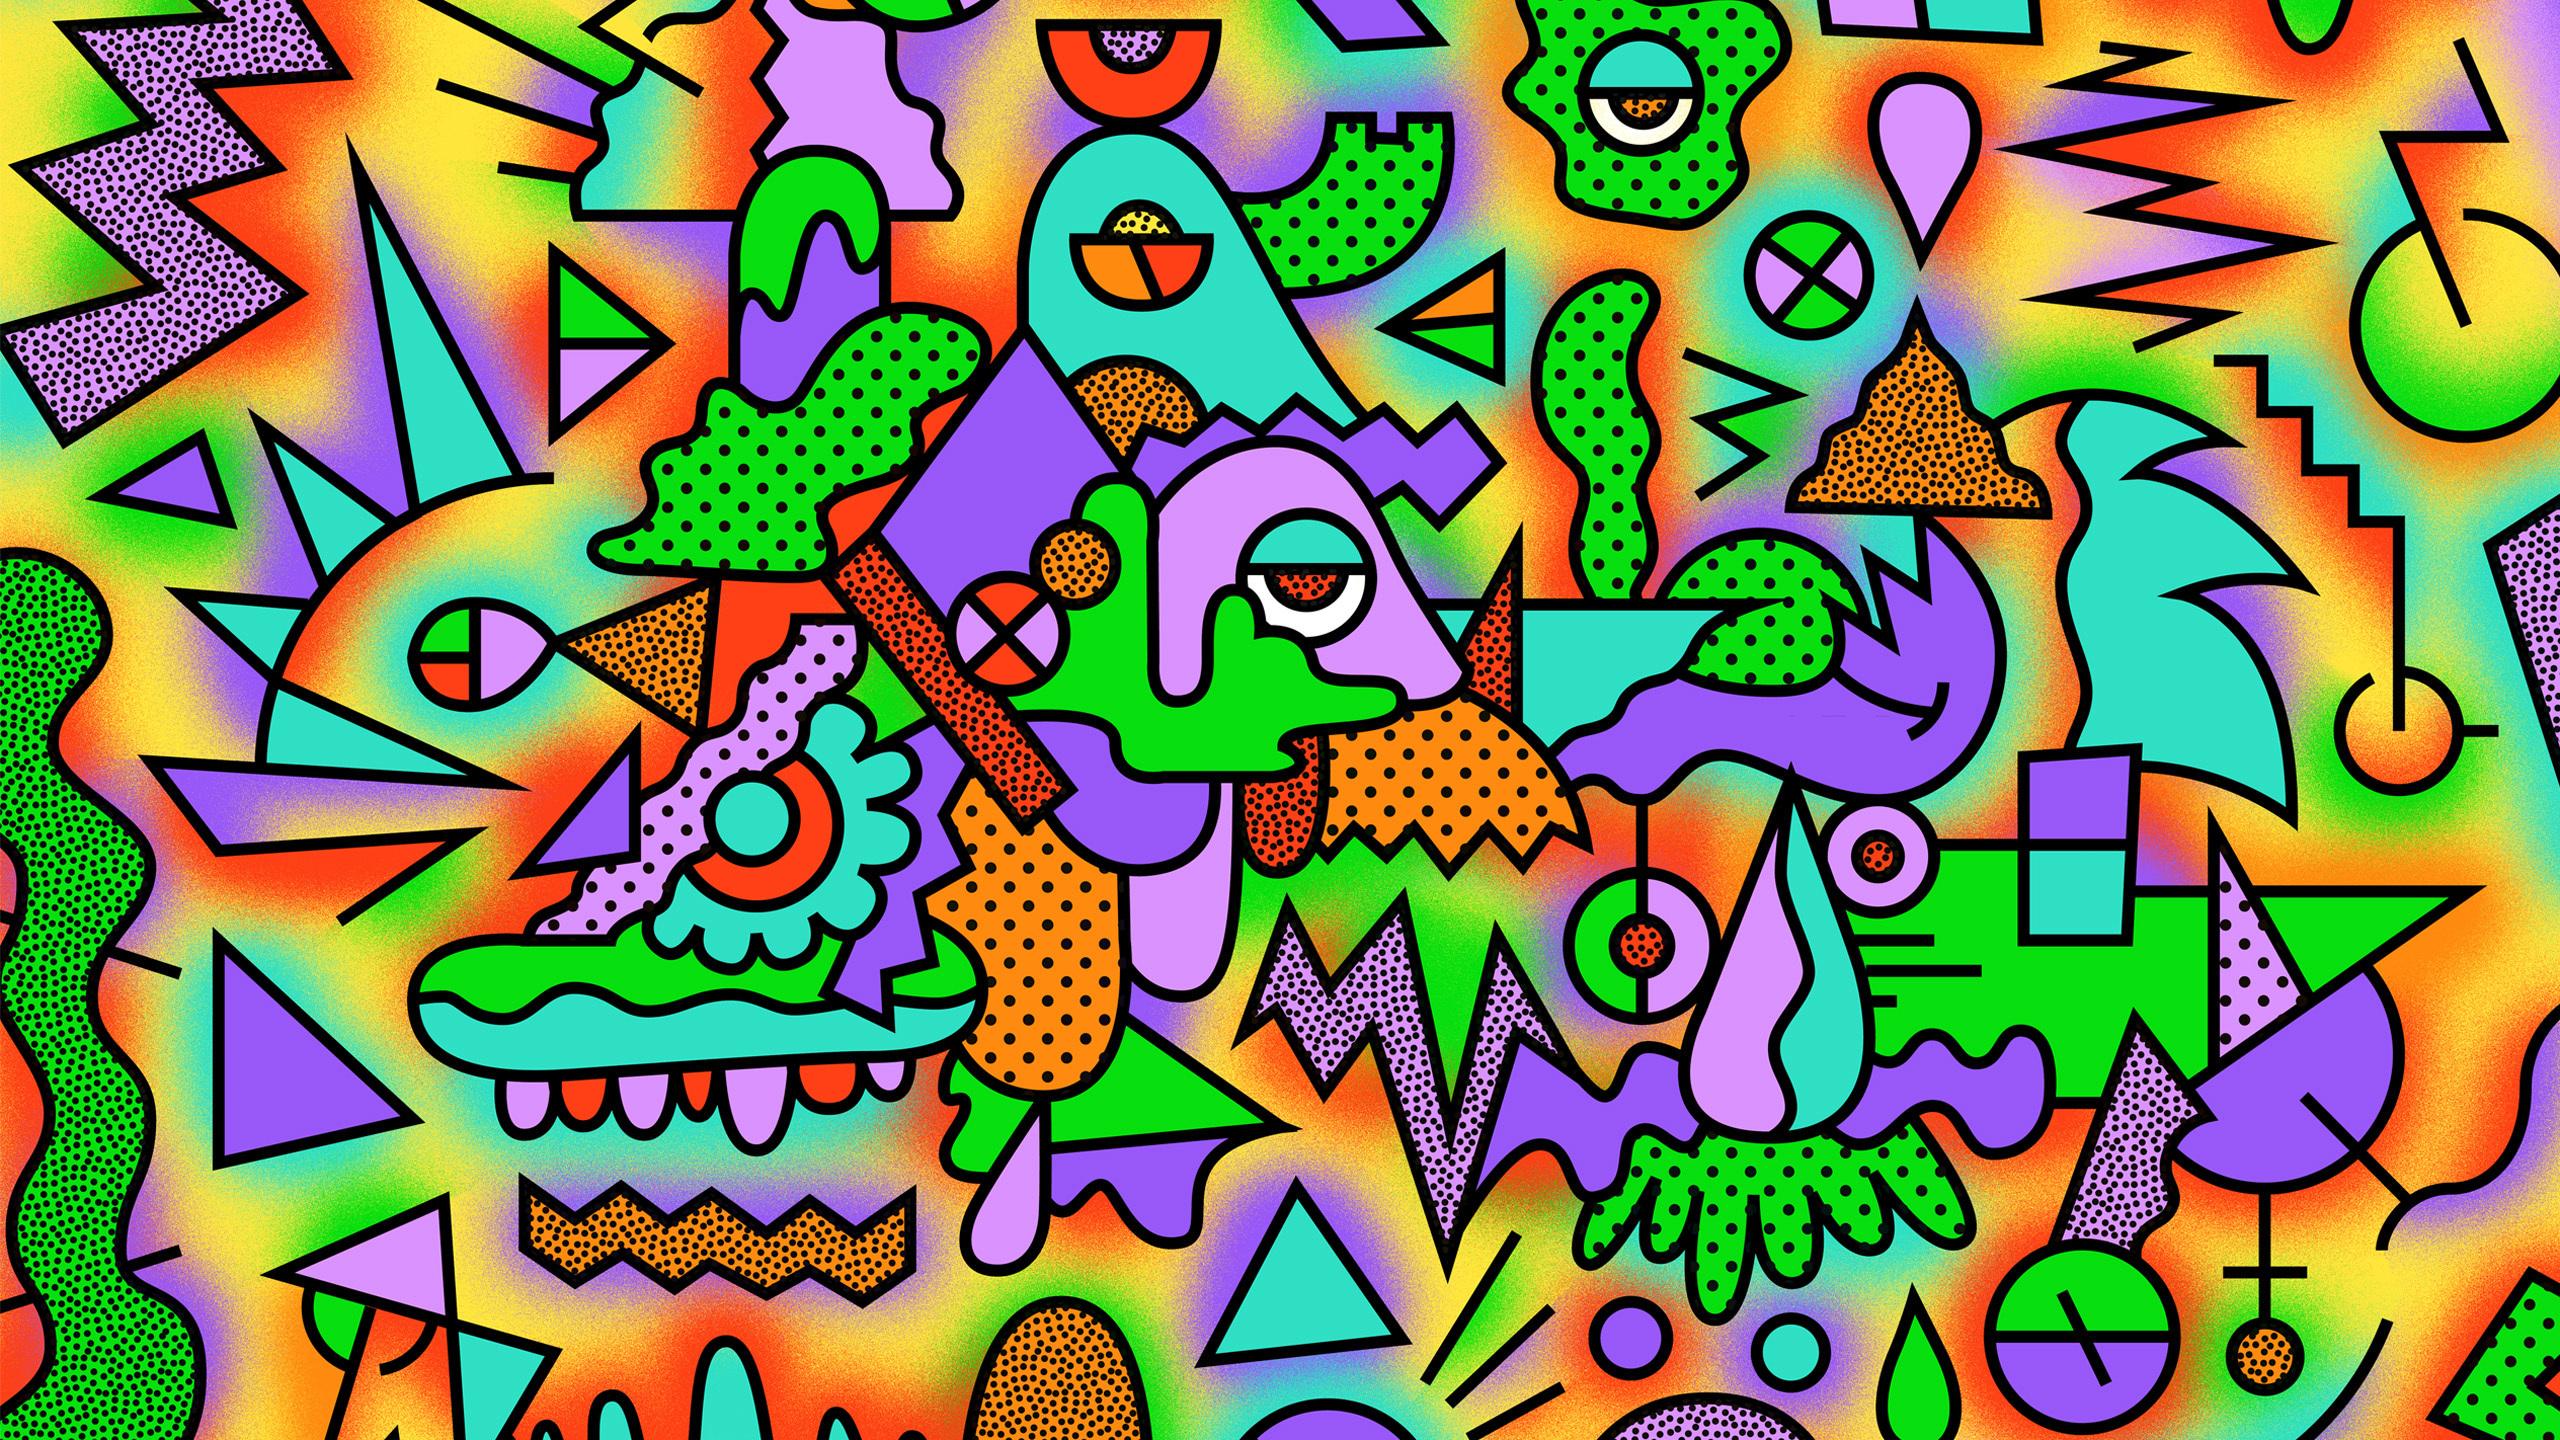 stylenanda wallpaper